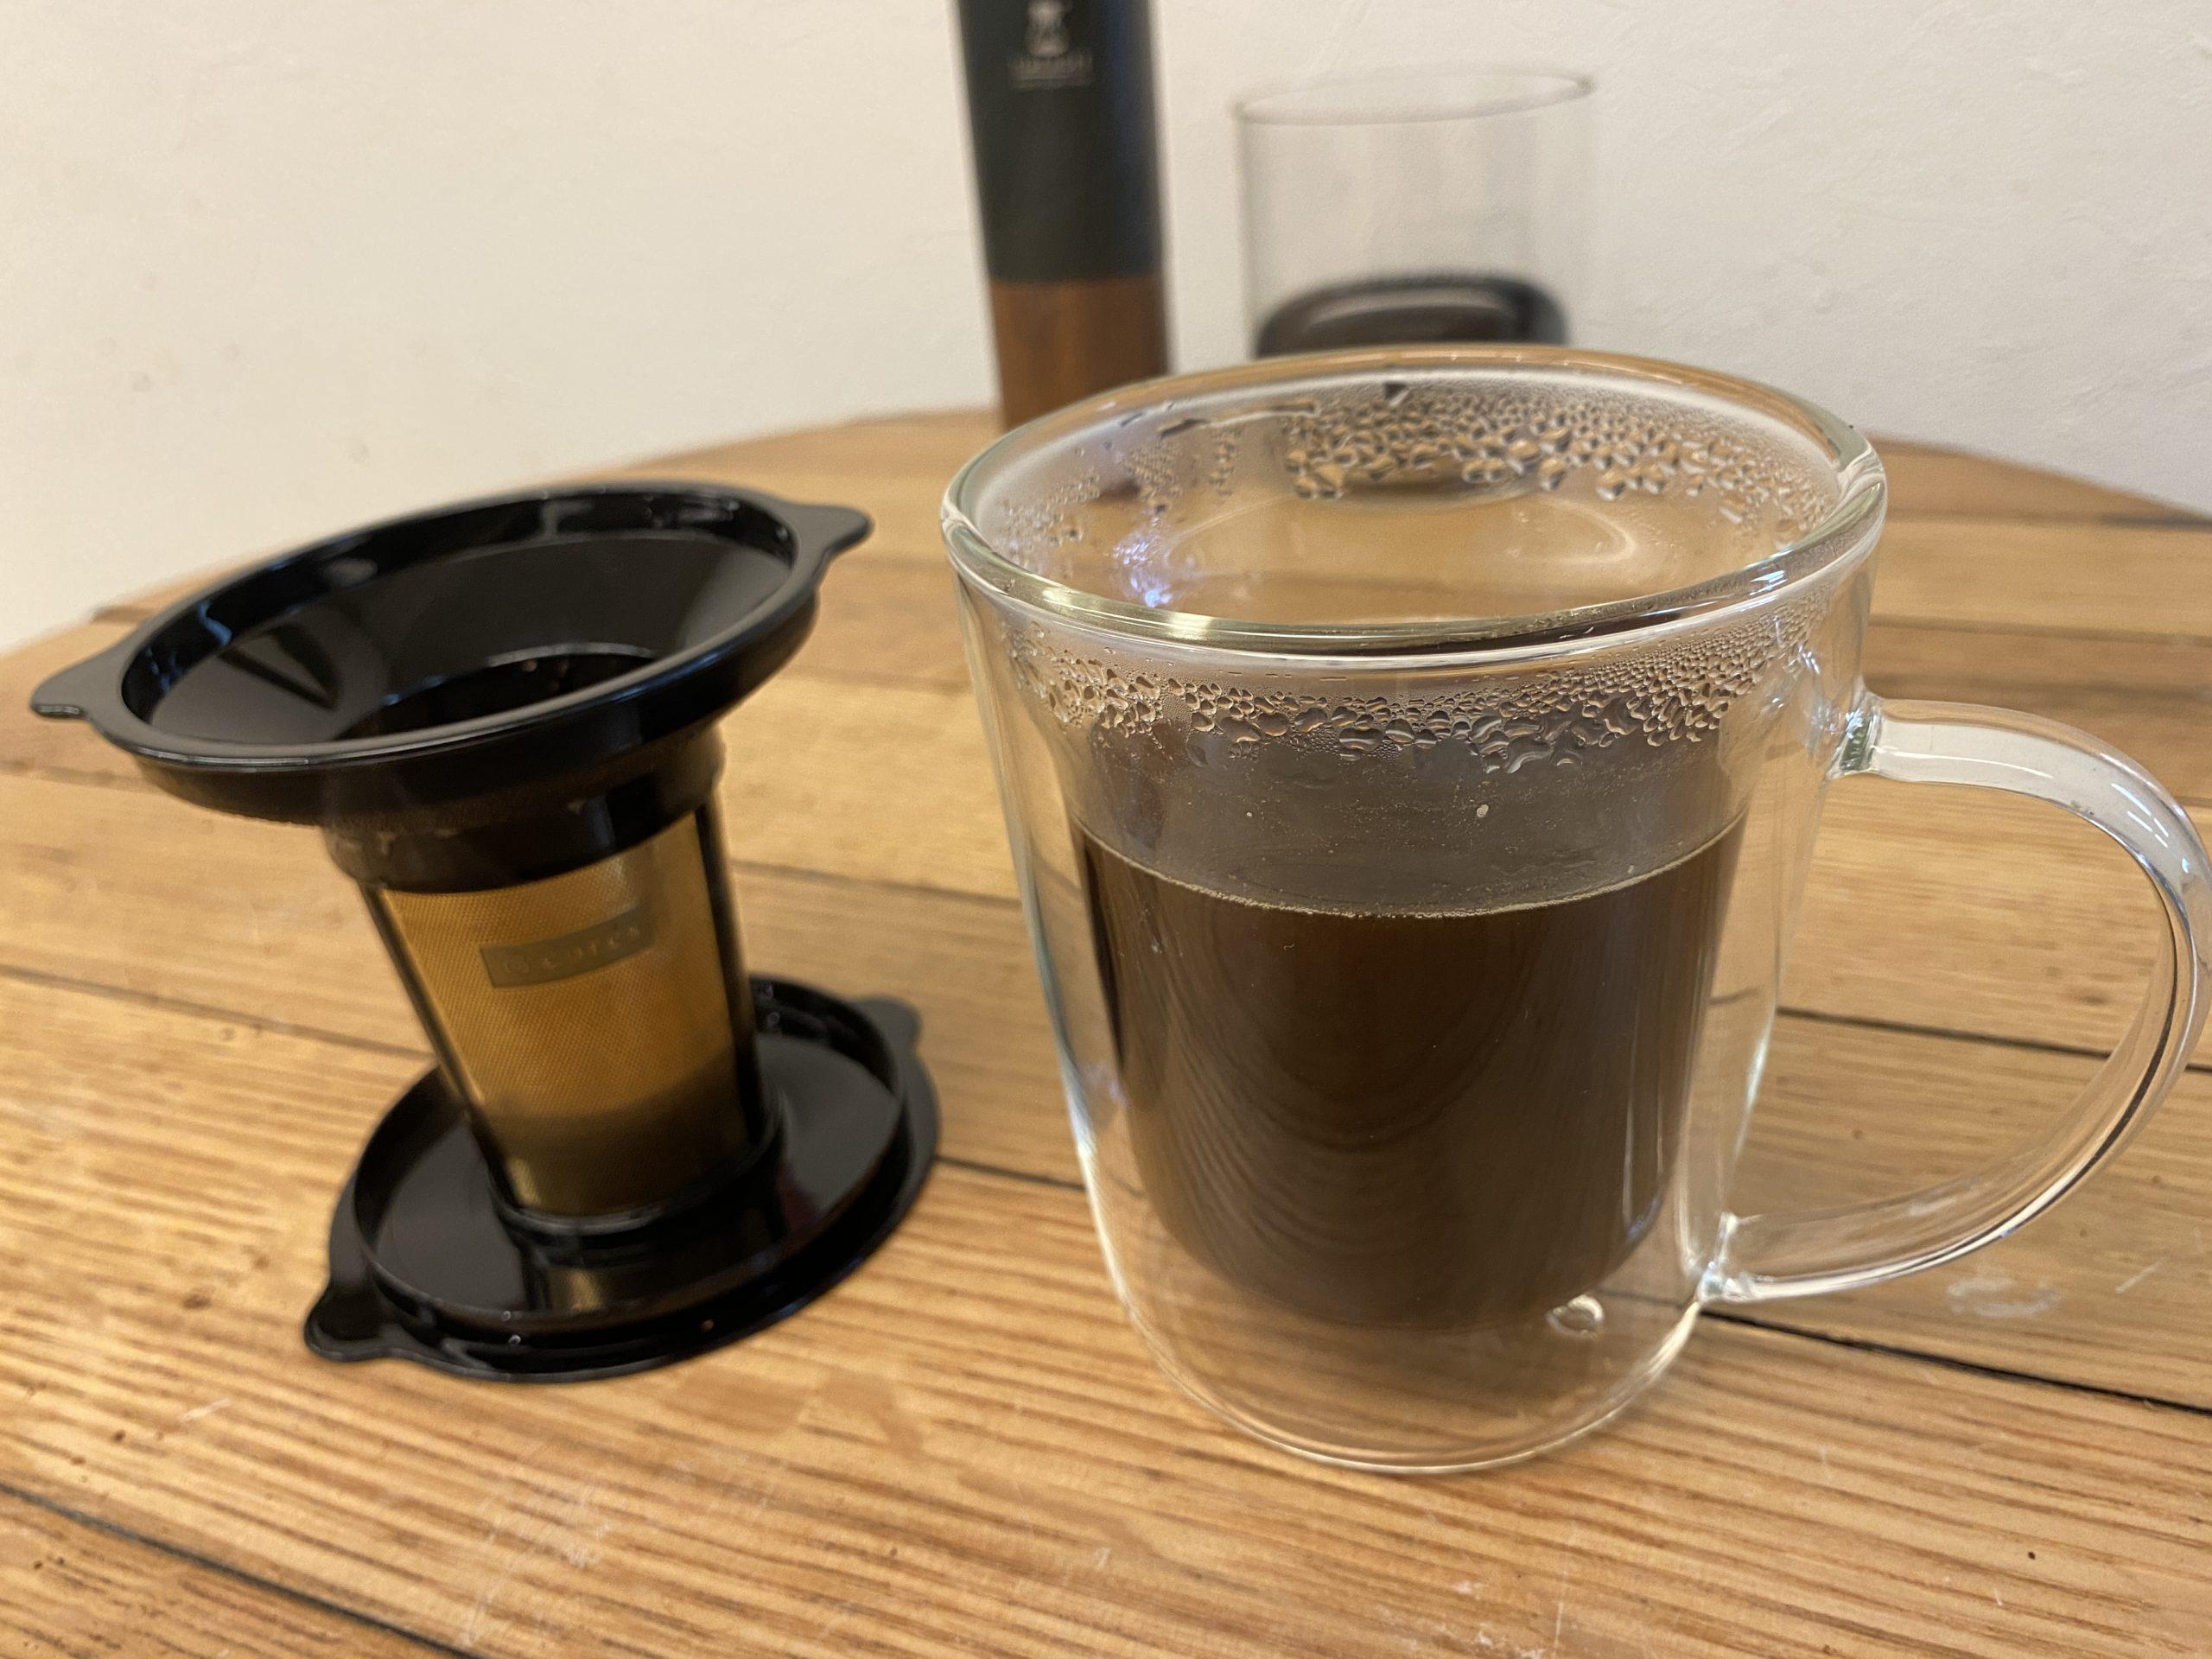 自宅で1杯分!ペーパーレスで節約エコな美味しいコーヒー!ゴールドフィルターダブルウォールマグ C412